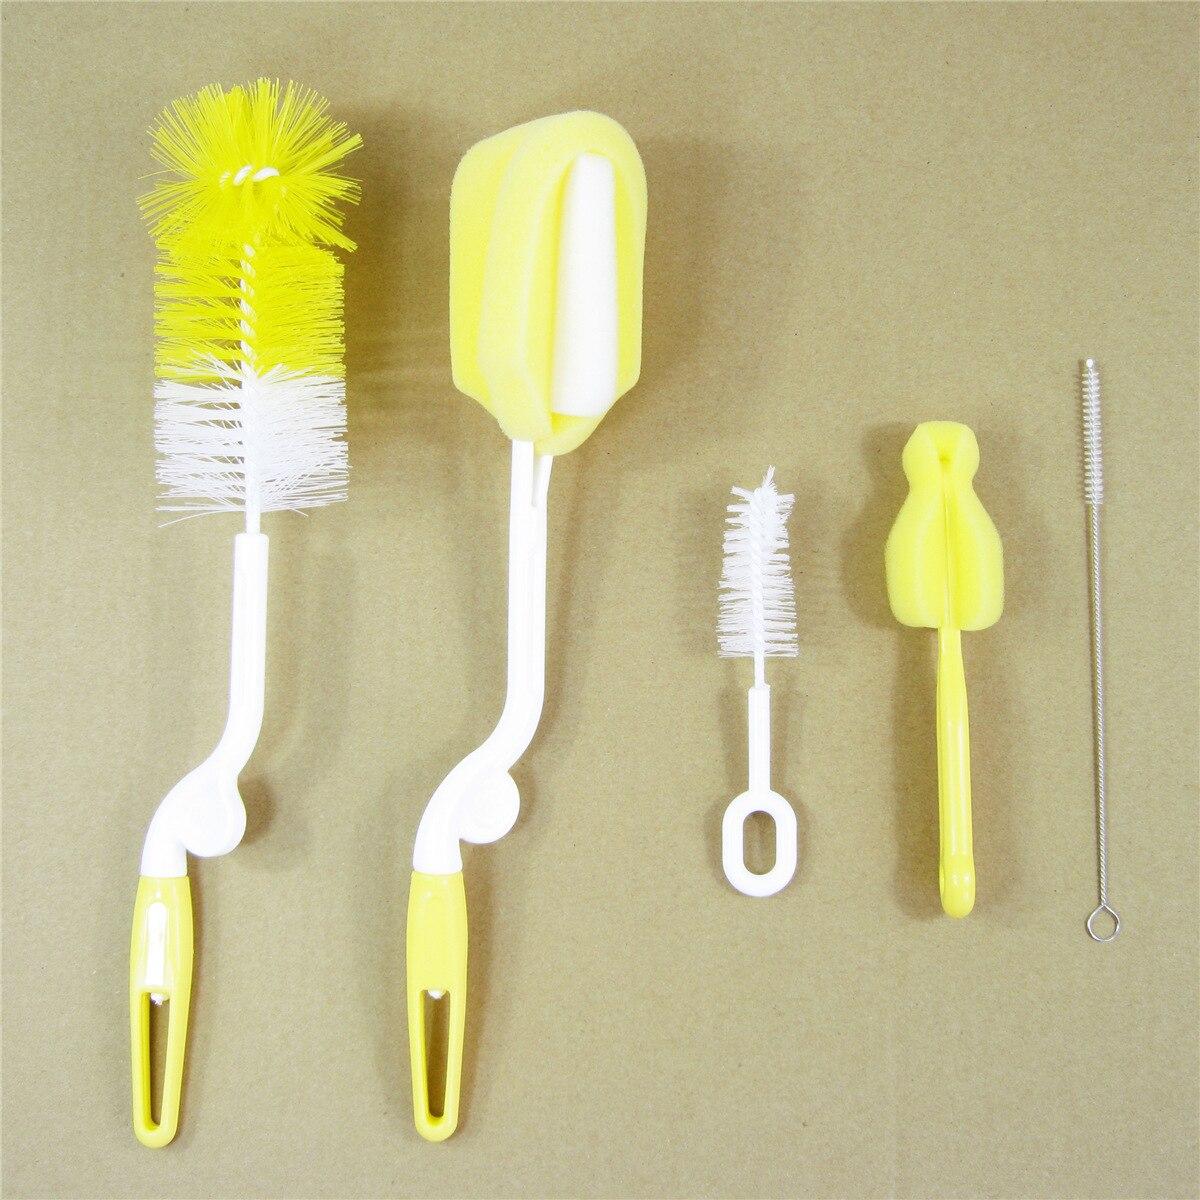 5pcs/set Bottle Brush Sponge Plastic Glass Milk Water Cup Cleaning Feeding Bottle Dummy Nipple Pacifier Brushes Tube Cleaner